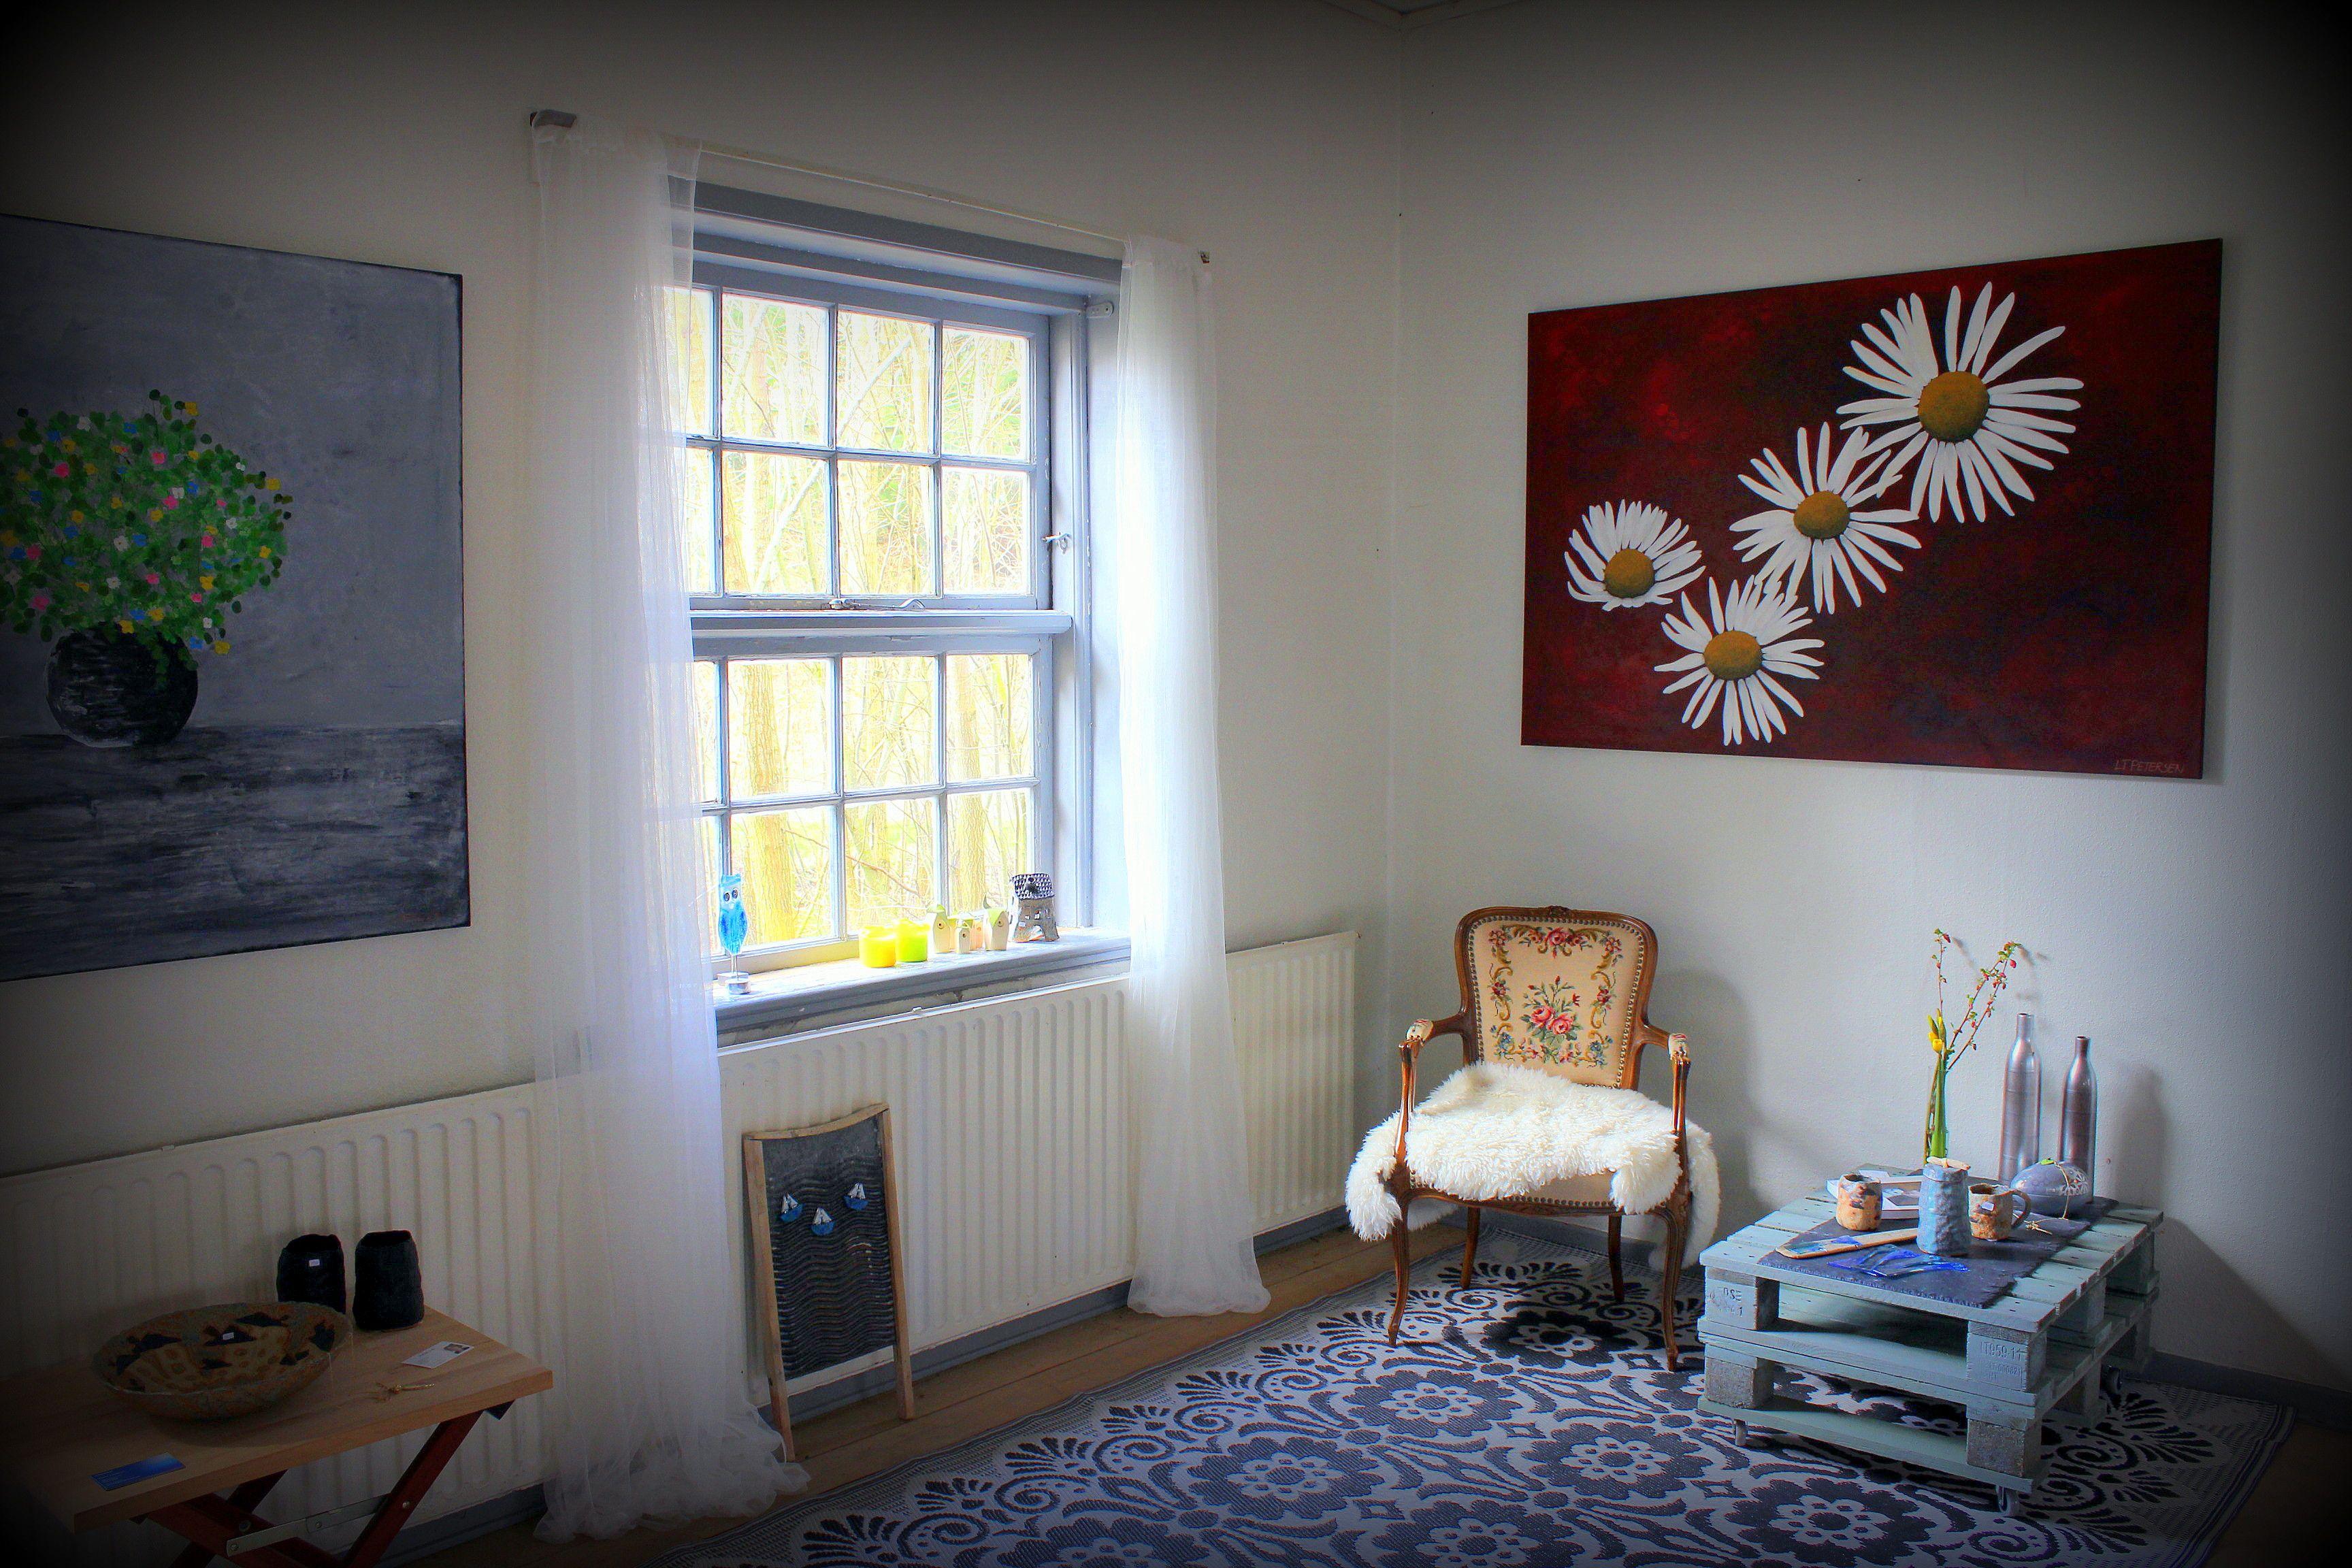 Hyggeligt foto fra udstilling Et foto fra Påskeudstilling på Hjedsbæk Kro 2015 Flower painting